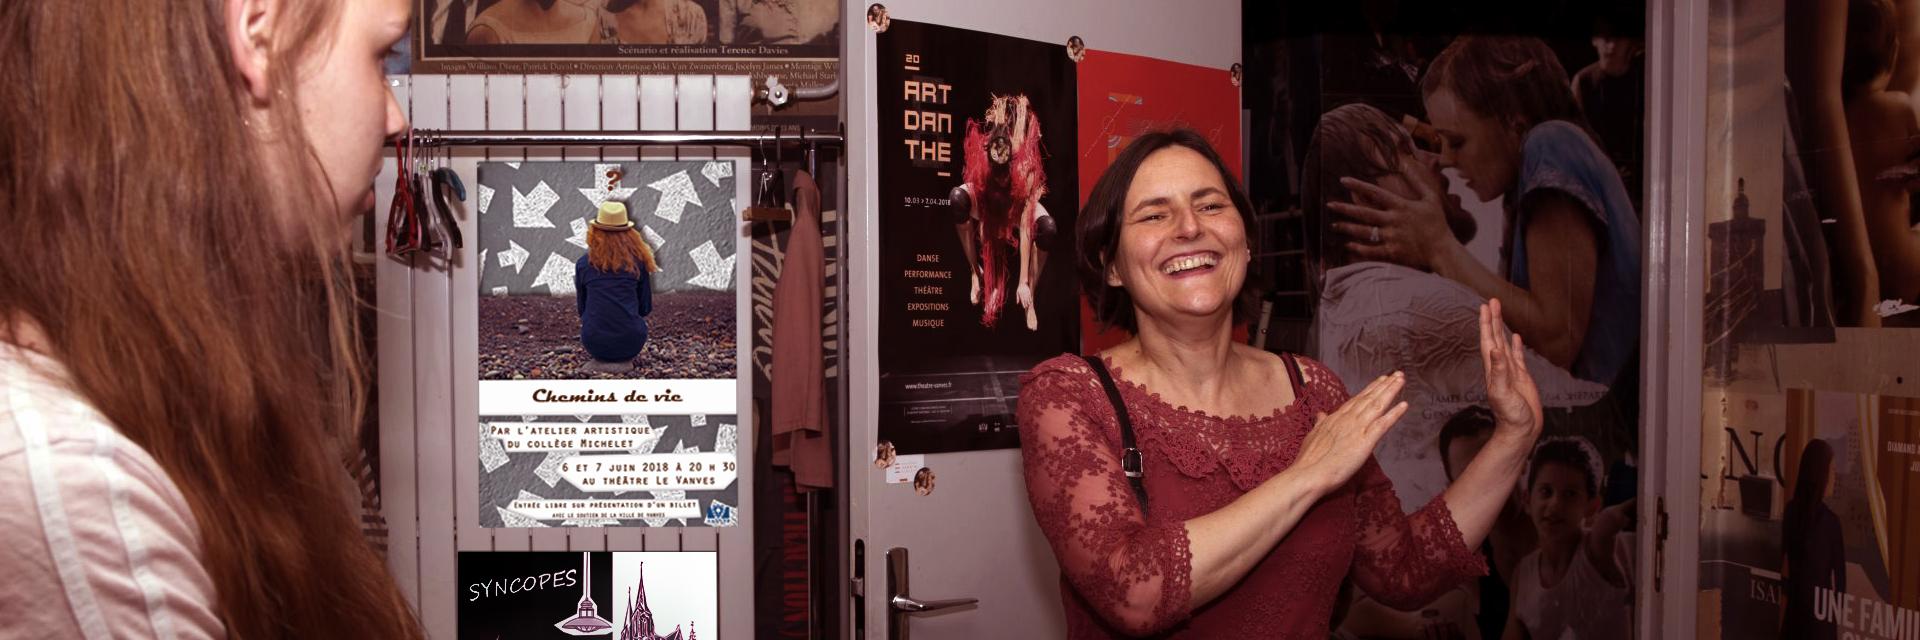 Marie Chasles, metteur en scène, artiste intervenant en milieu scolaire, chanteuse, etc...